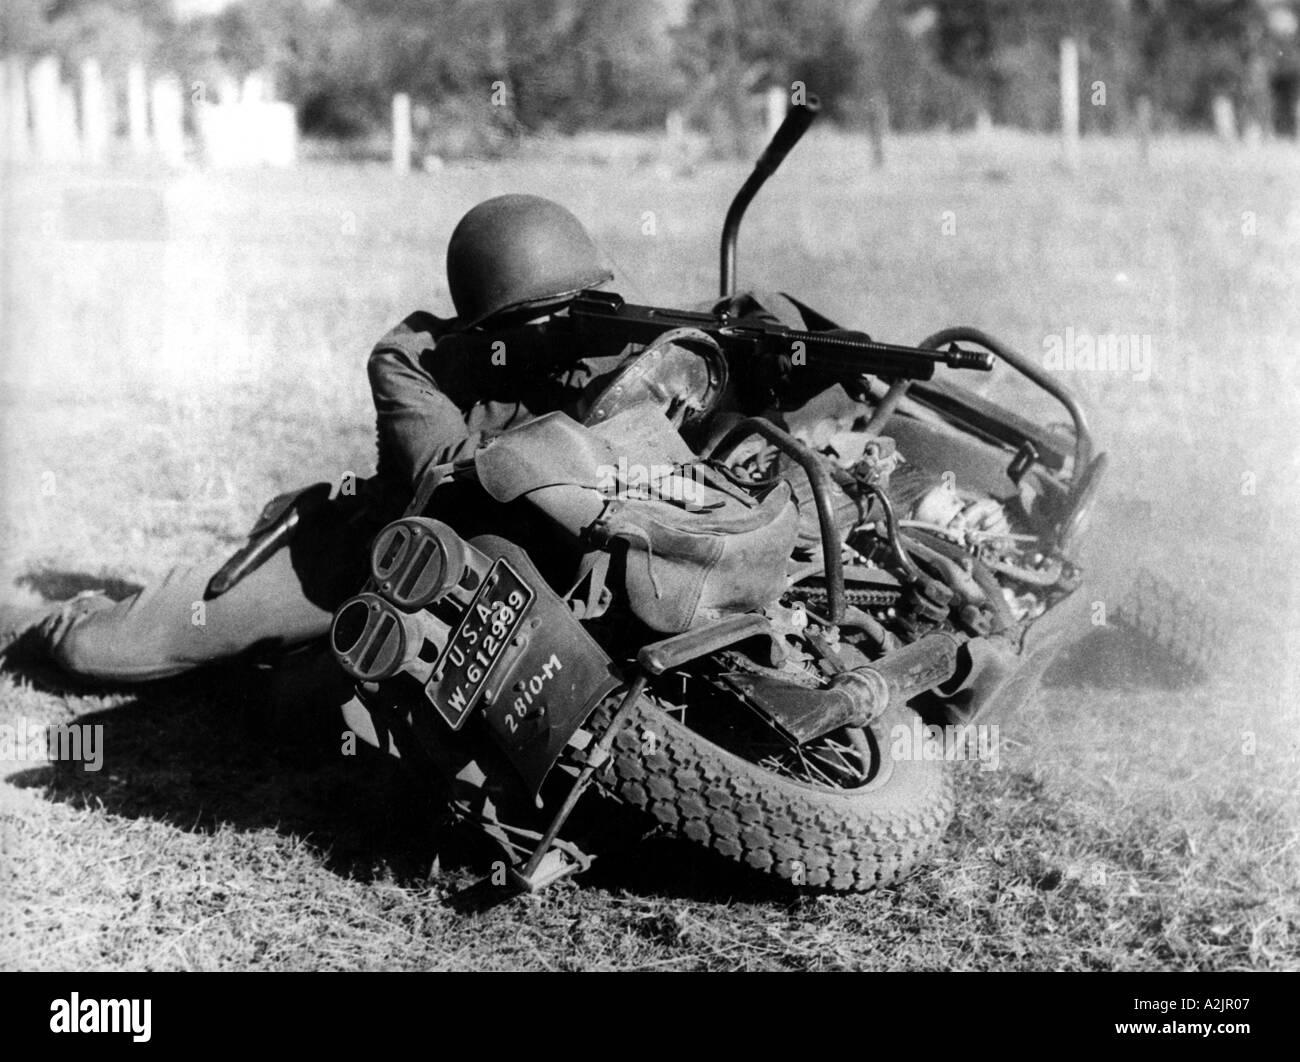 Bildergebnis für usa motorrad zweiter weltkrieg